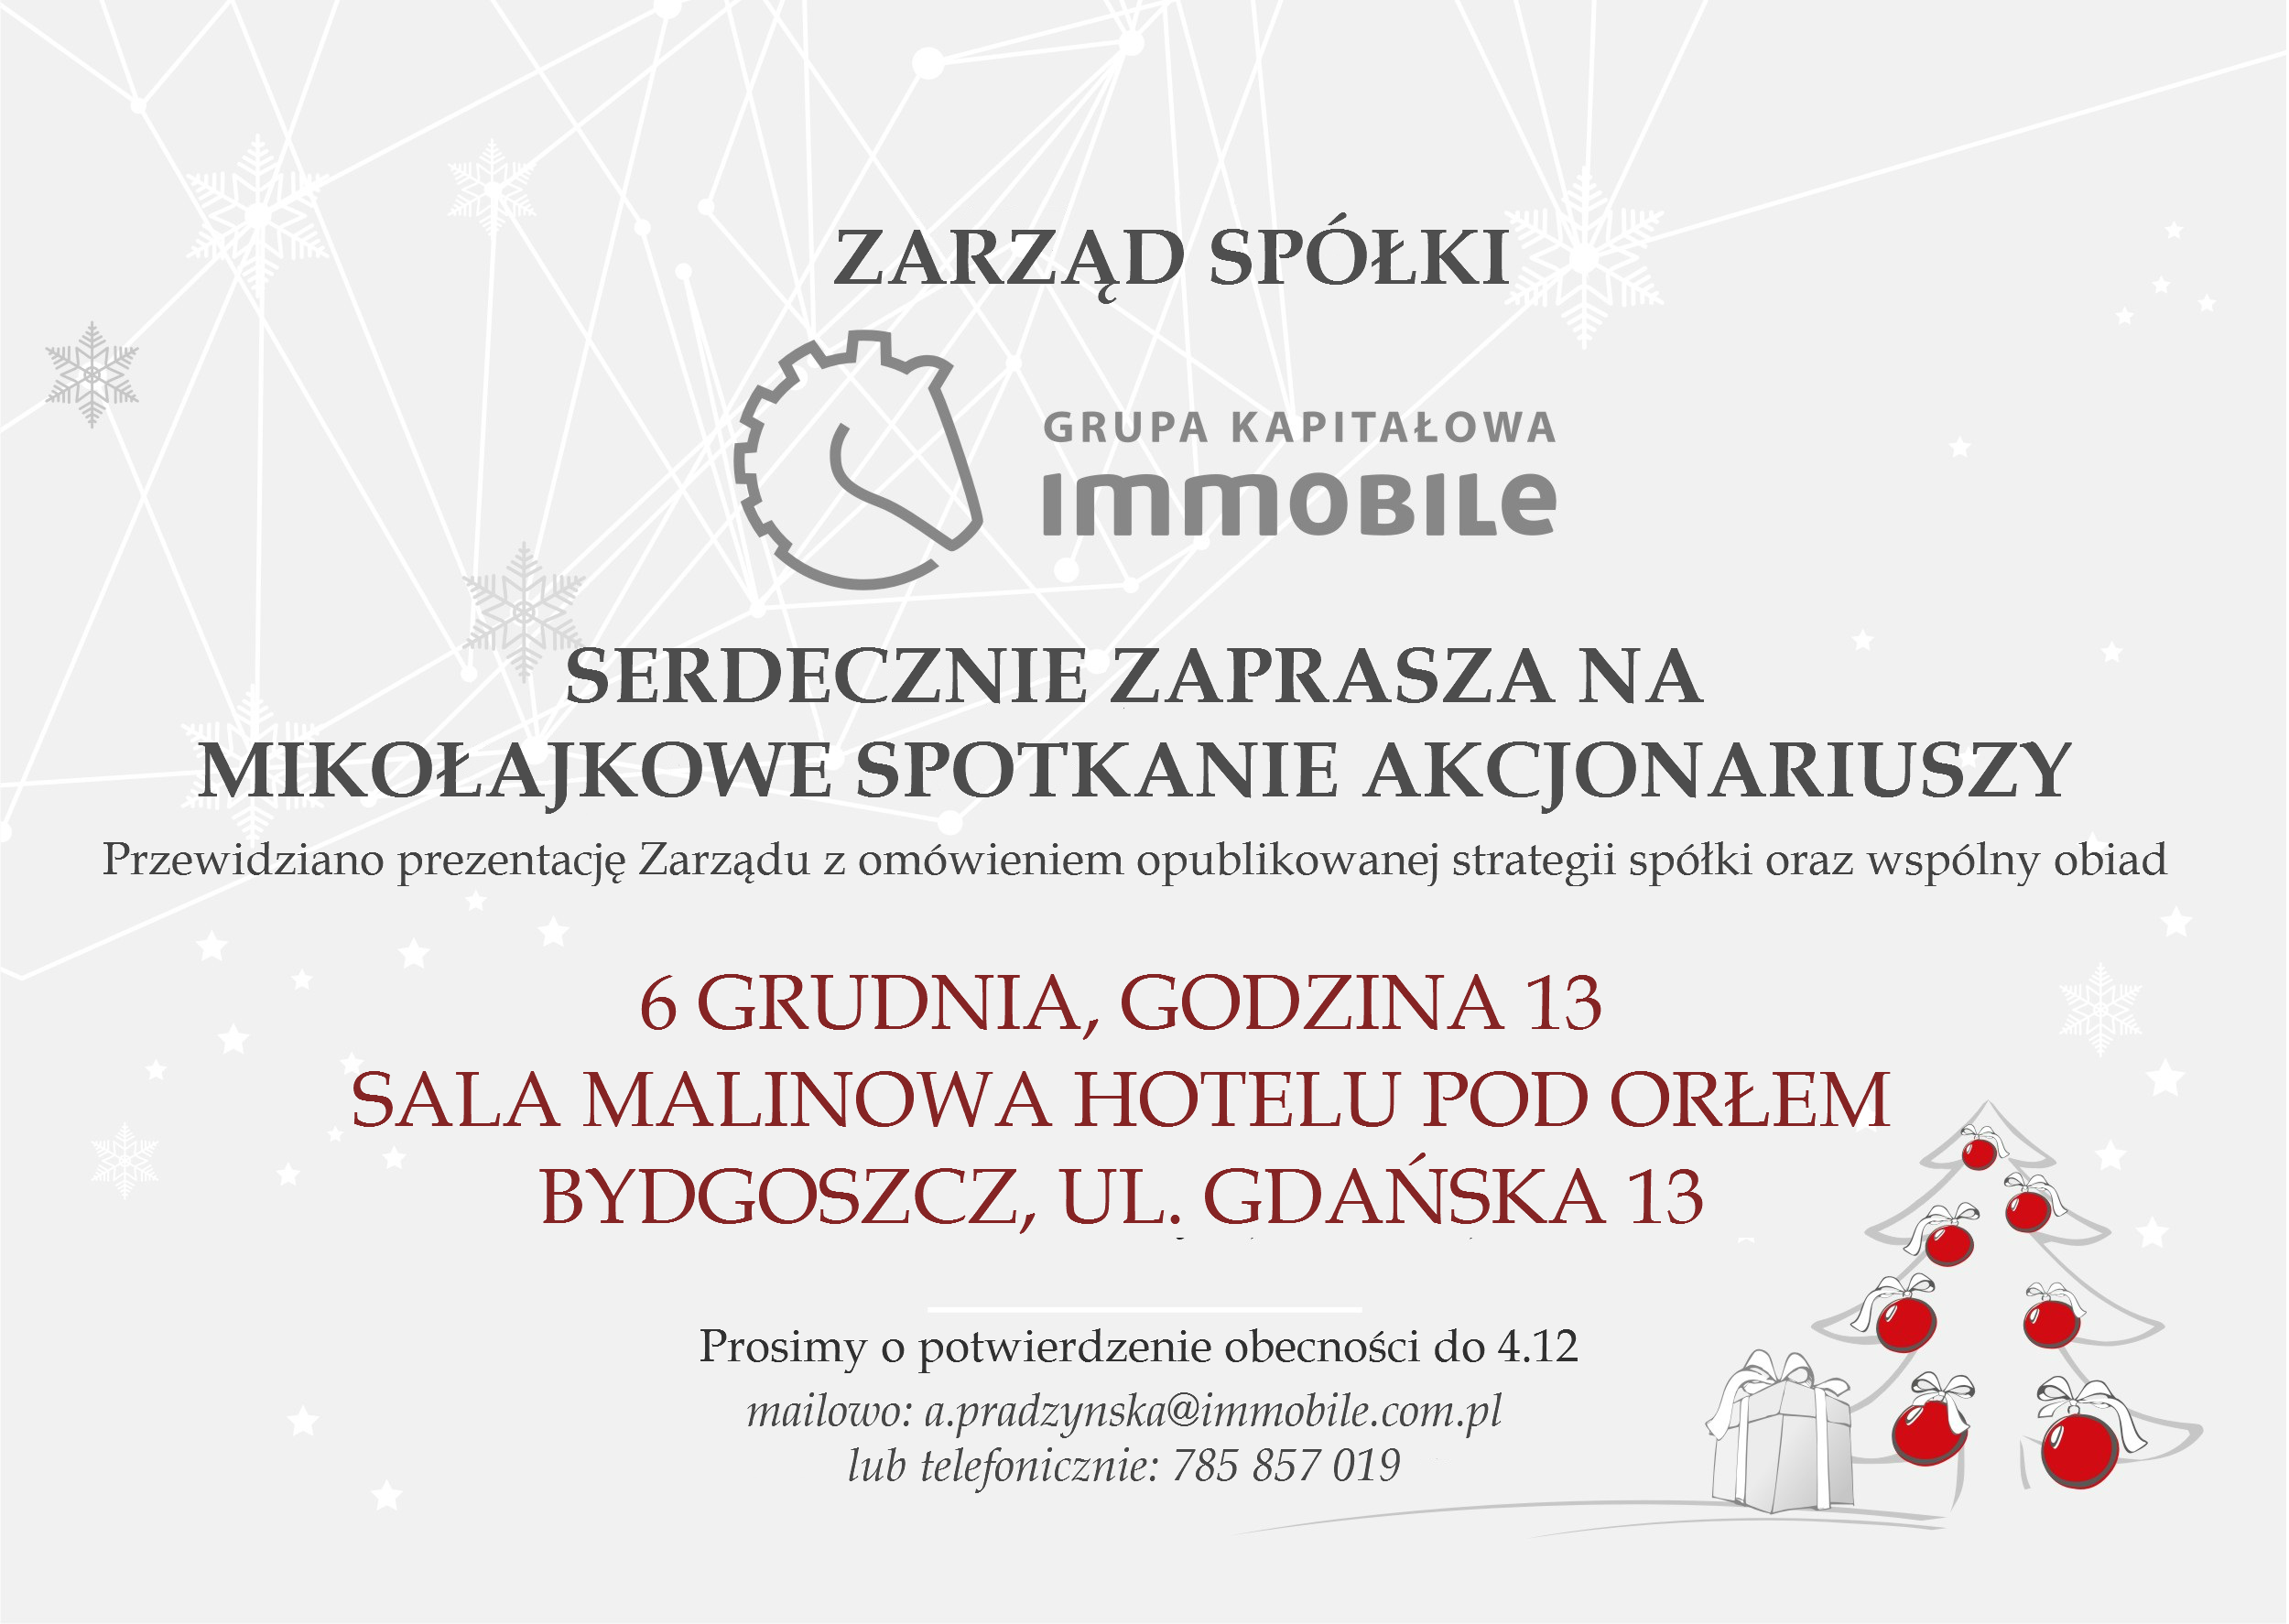 Zapraszamy na Mikołajkowe Spotkanie z GK IMMOBILE w Bydgoszczy